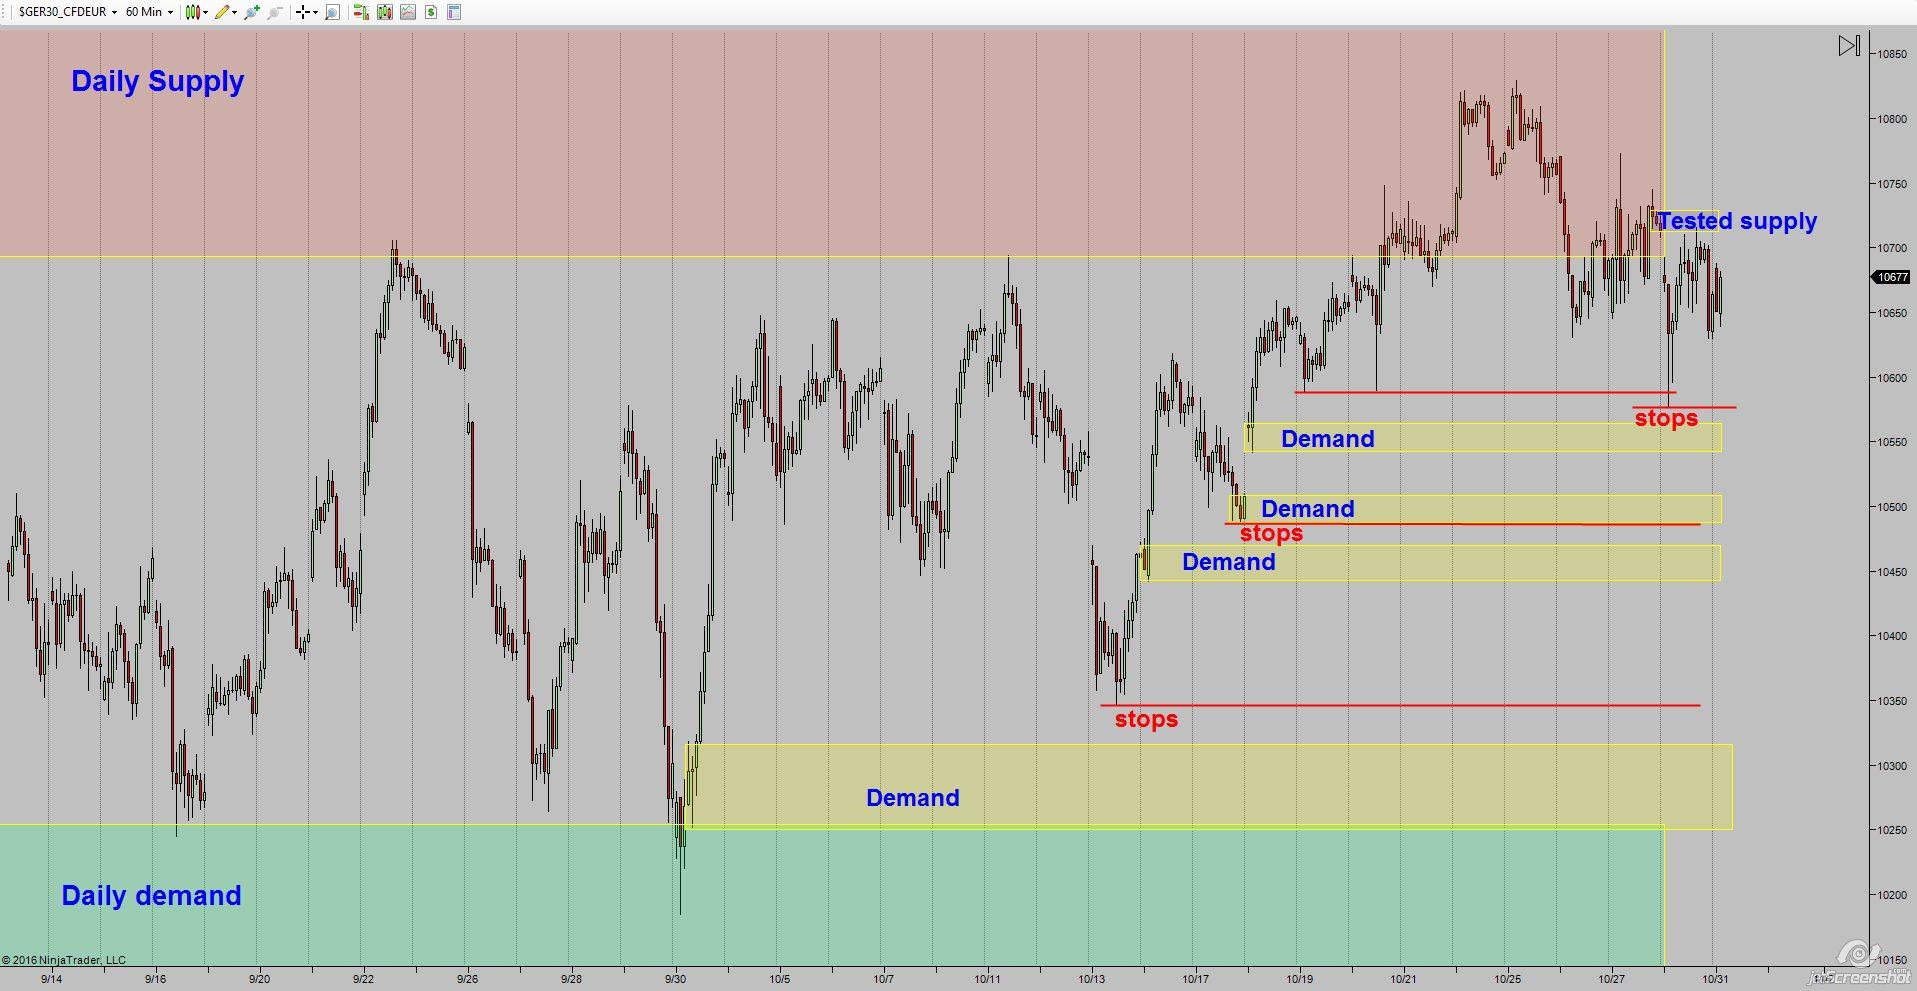 2016-10-31_08-13-dax-demand-zone